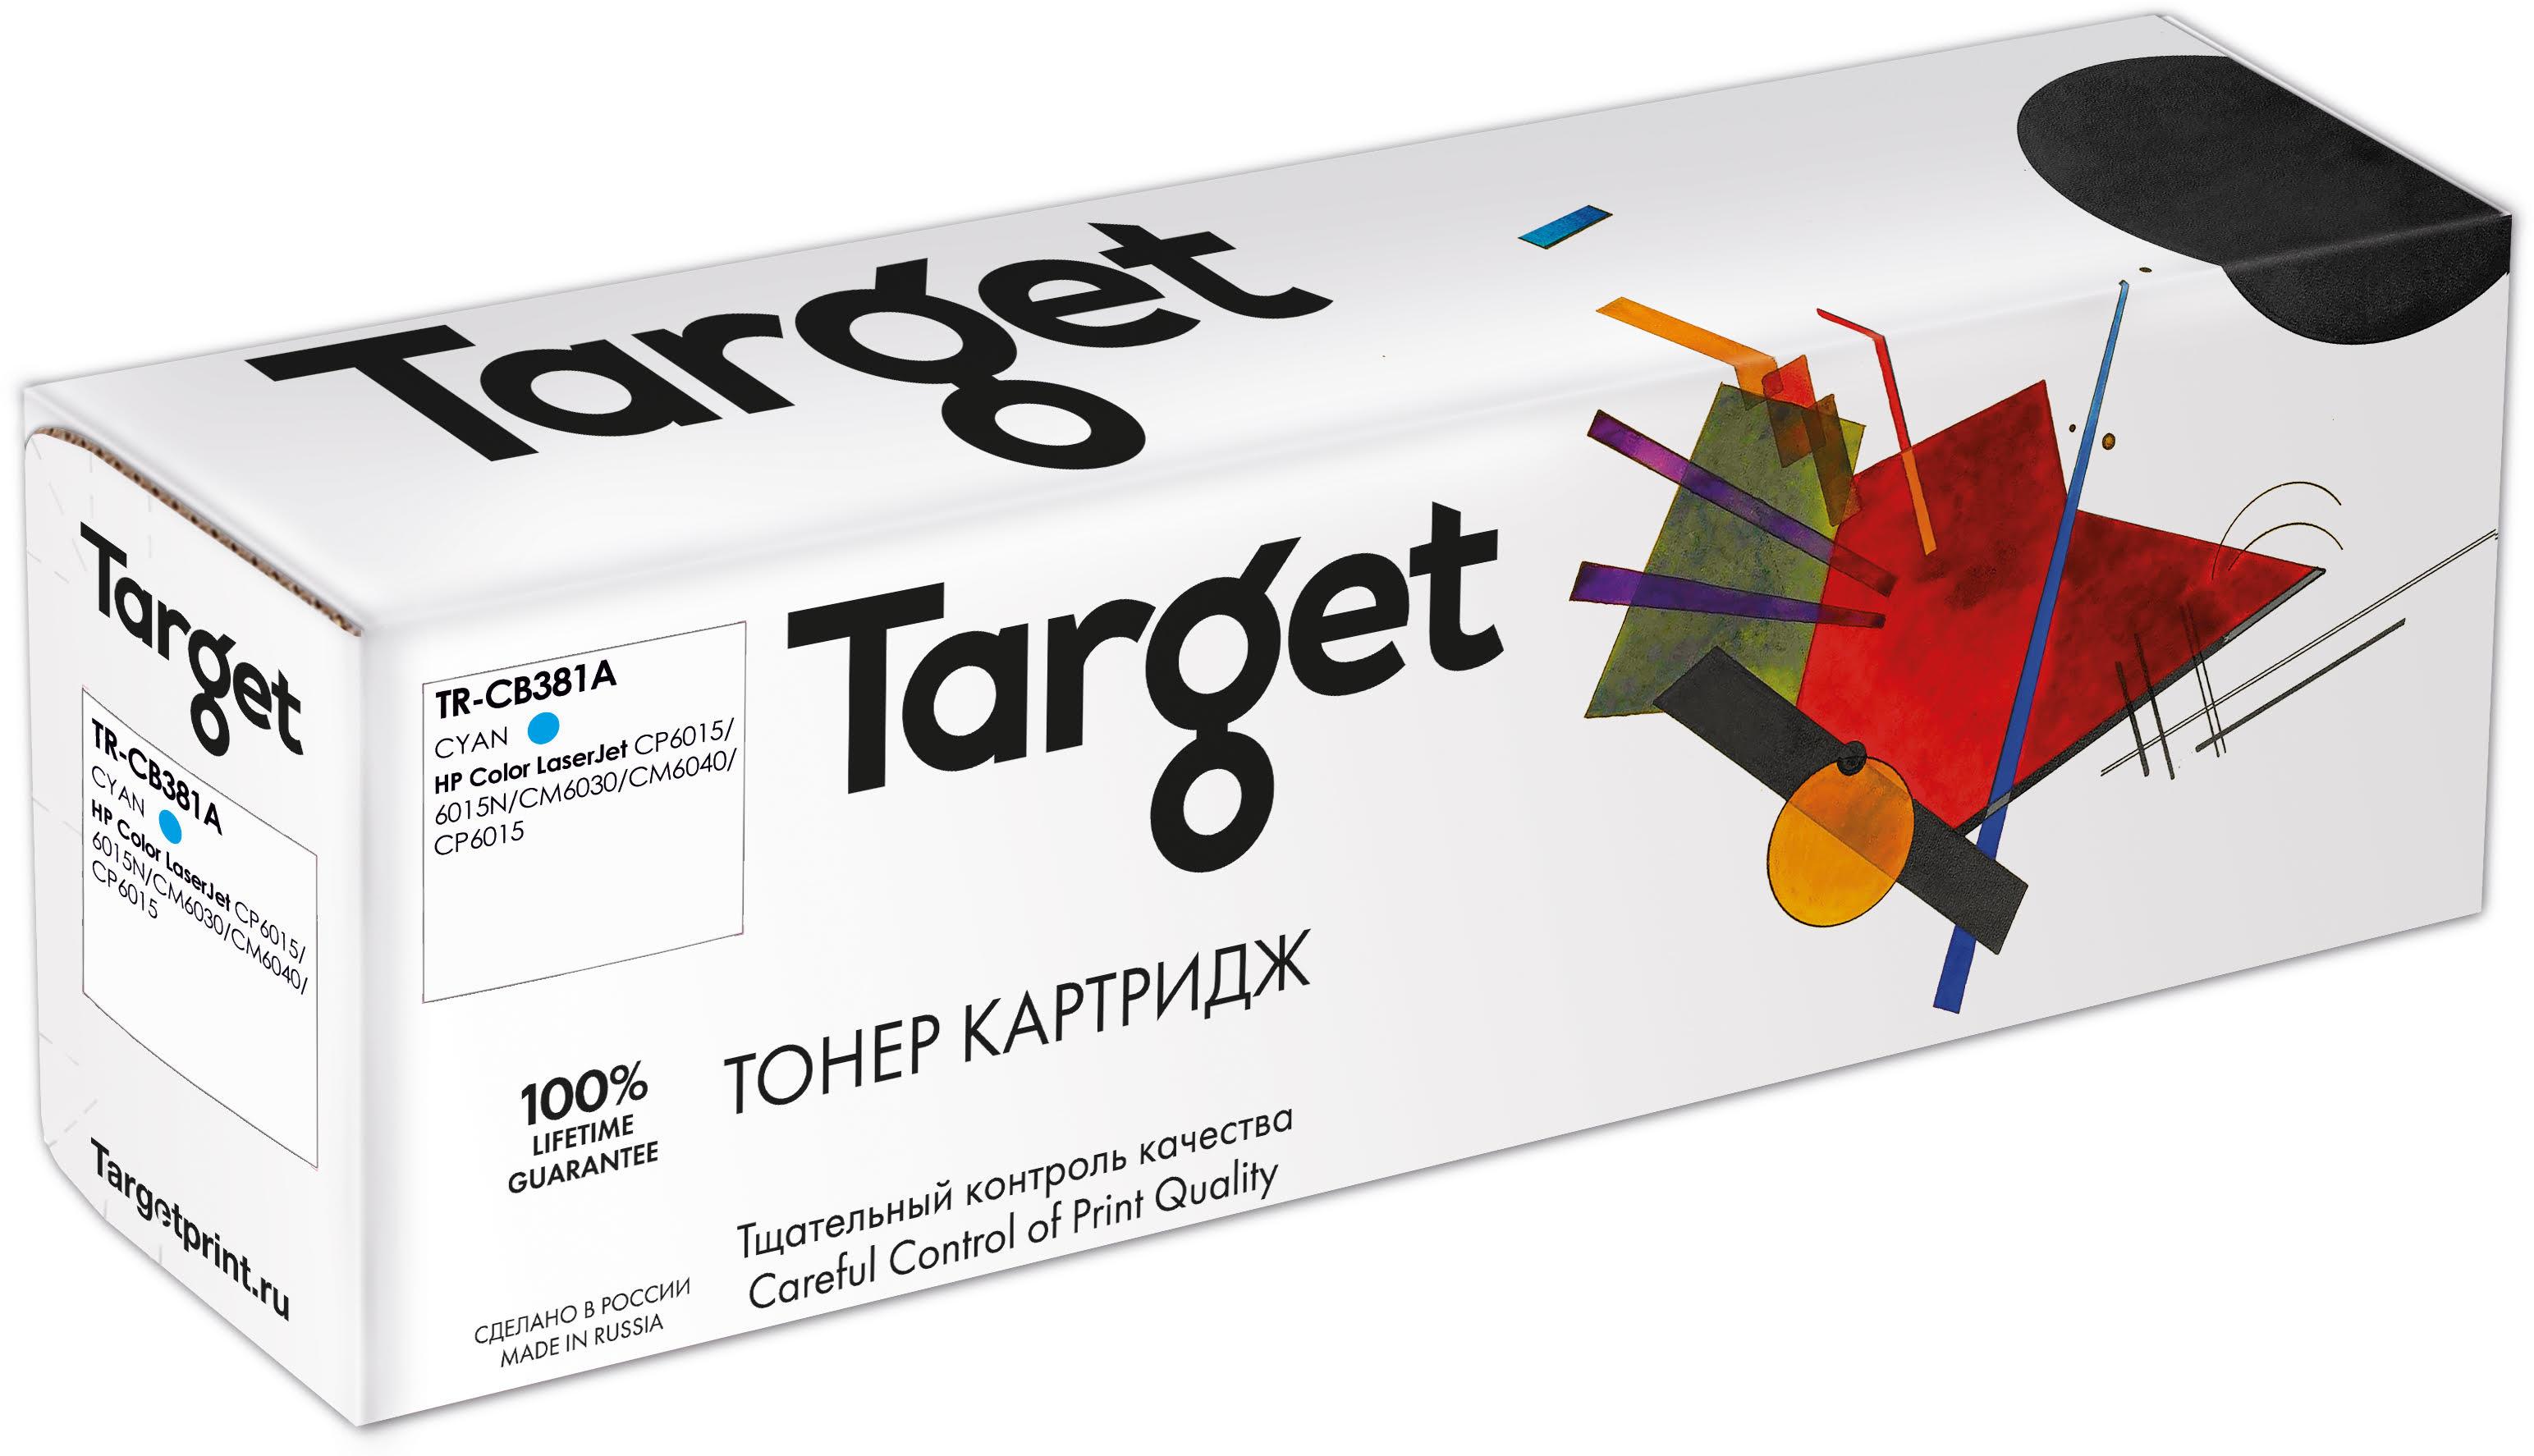 Тонер-картридж HP CB381A